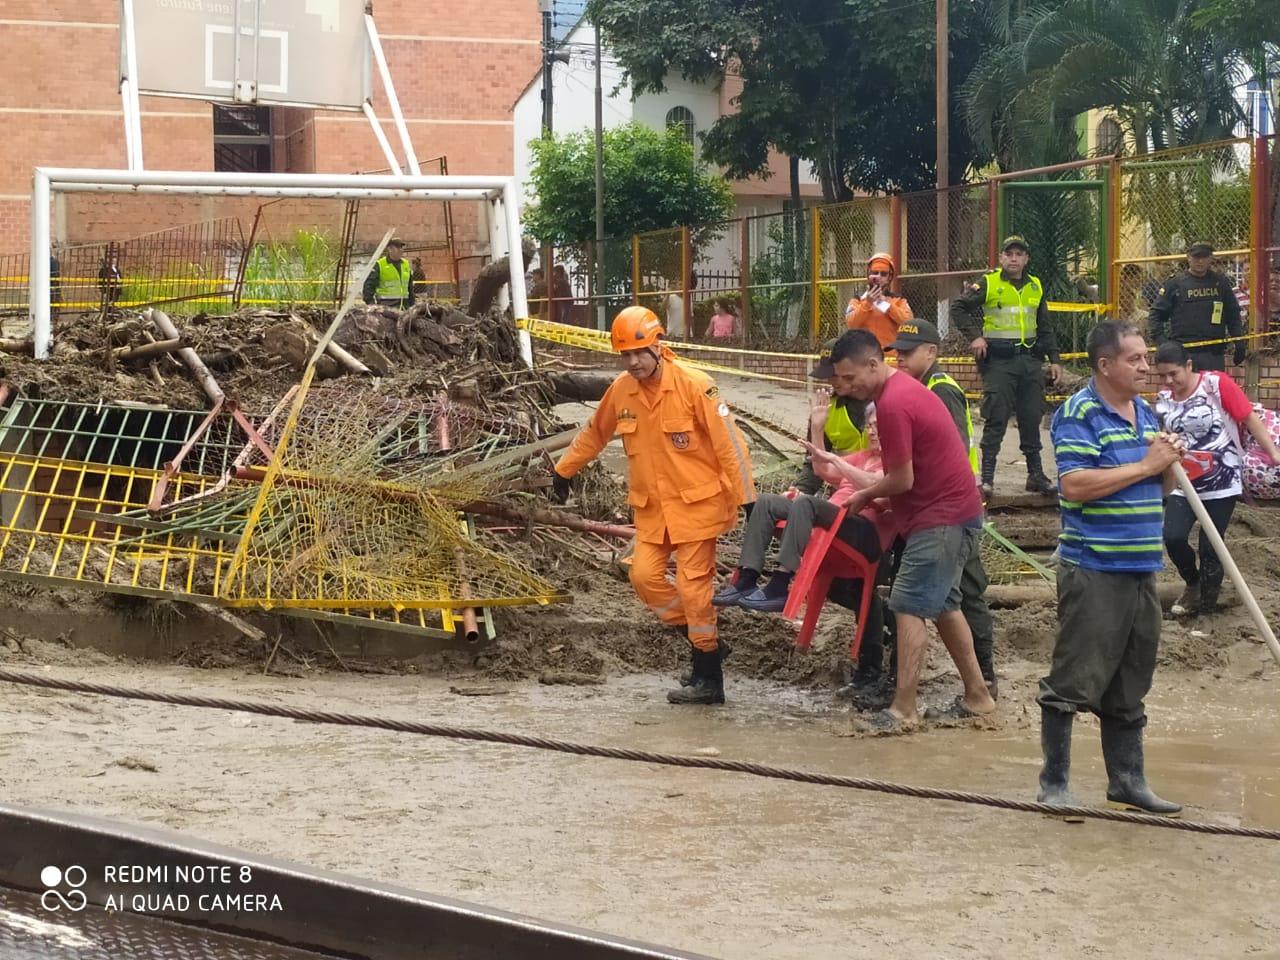 Destinan recursos para ayudar a 130 familias afectadas en Floridablanca | Metro | EL FRENTE